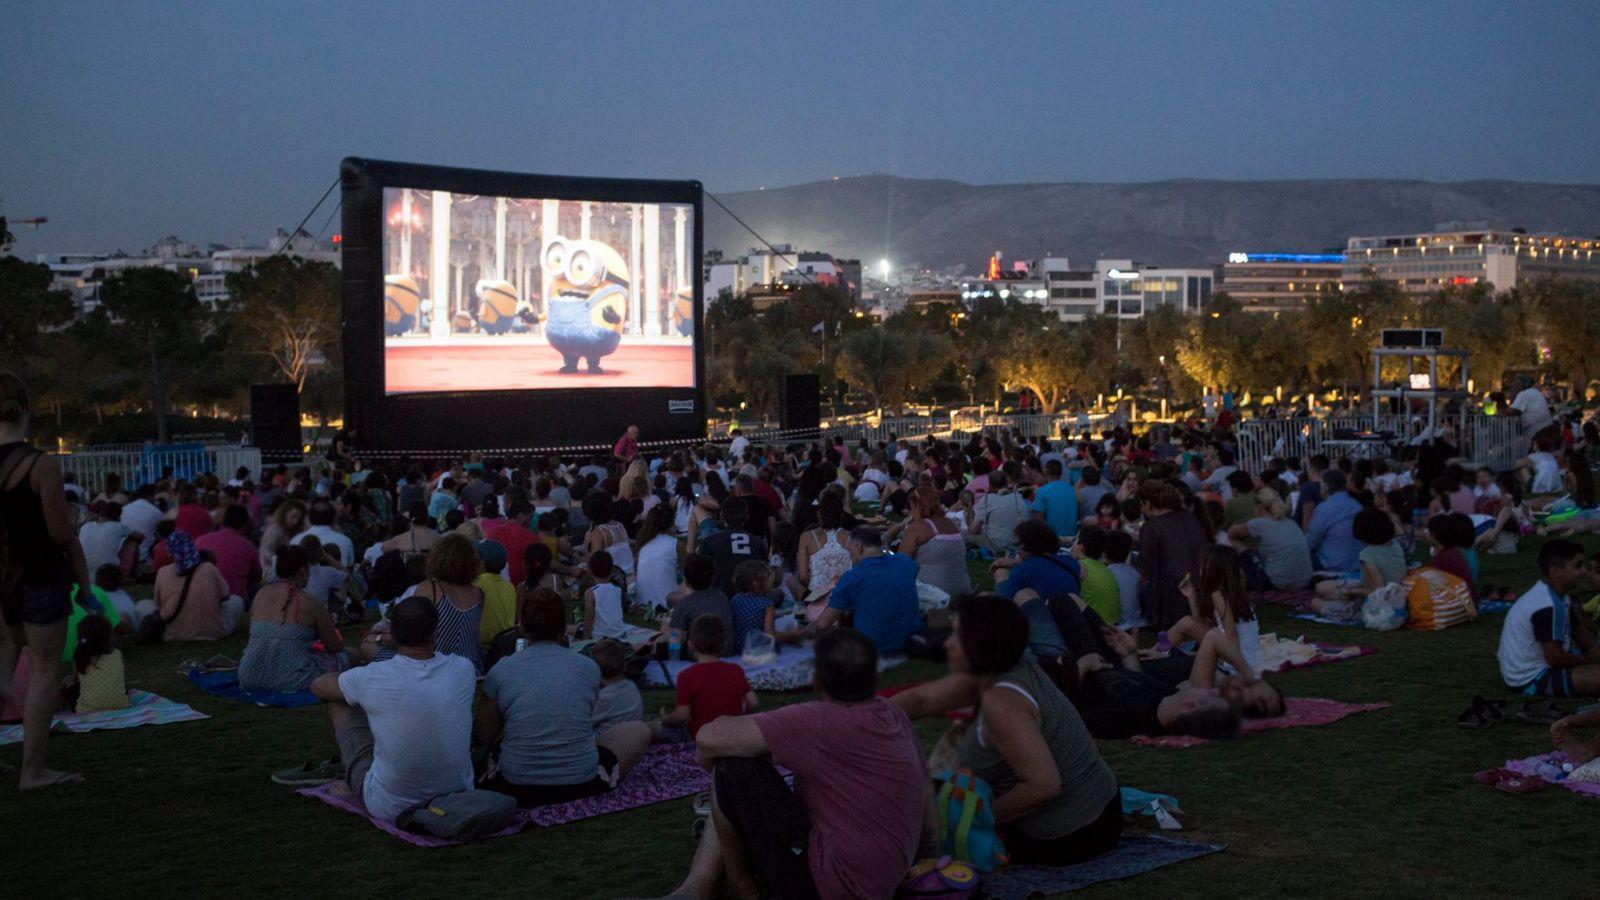 Θερινό σινεμά στο ξέφωτο του ΚΠΙΣΝ για μικρούς και μεγάλους – Εντομοαπωθητικό απαραίτητο